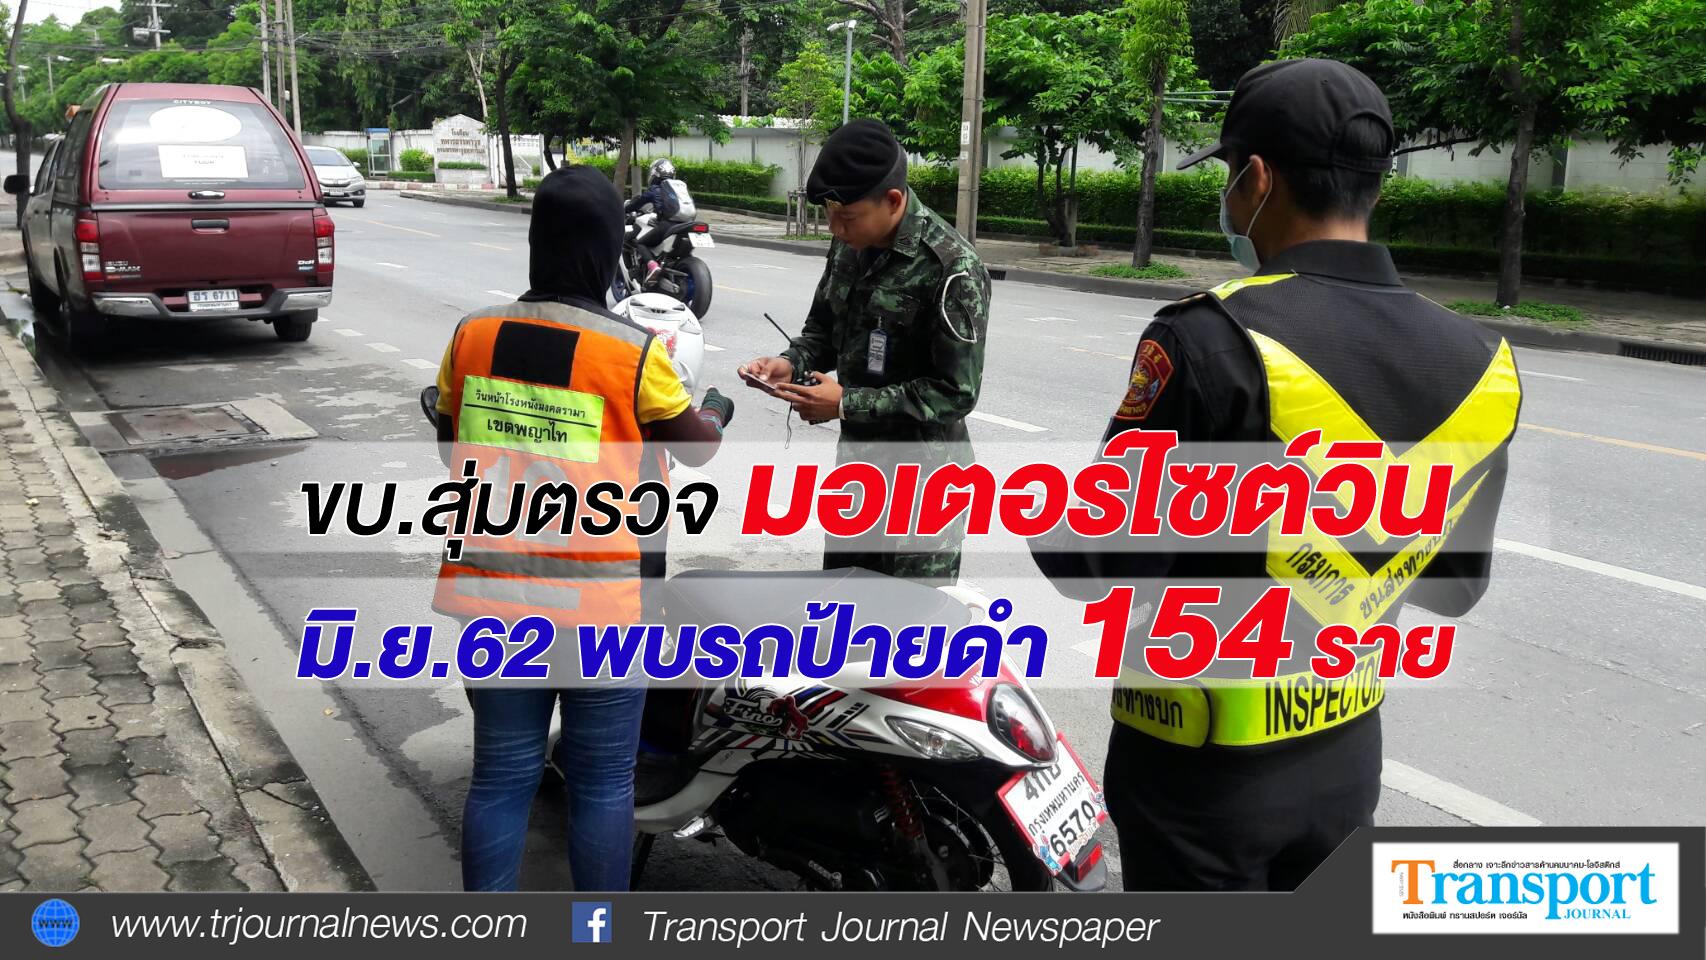 ขบ.เผยสถิติ มิ.ย. 62 สุ่มตรวจมอเตอร์ไซค์วิน พบลักลอบใช้รถป้ายดำวิ่งรับ-ส่งผู้โดยสาร 154 ราย